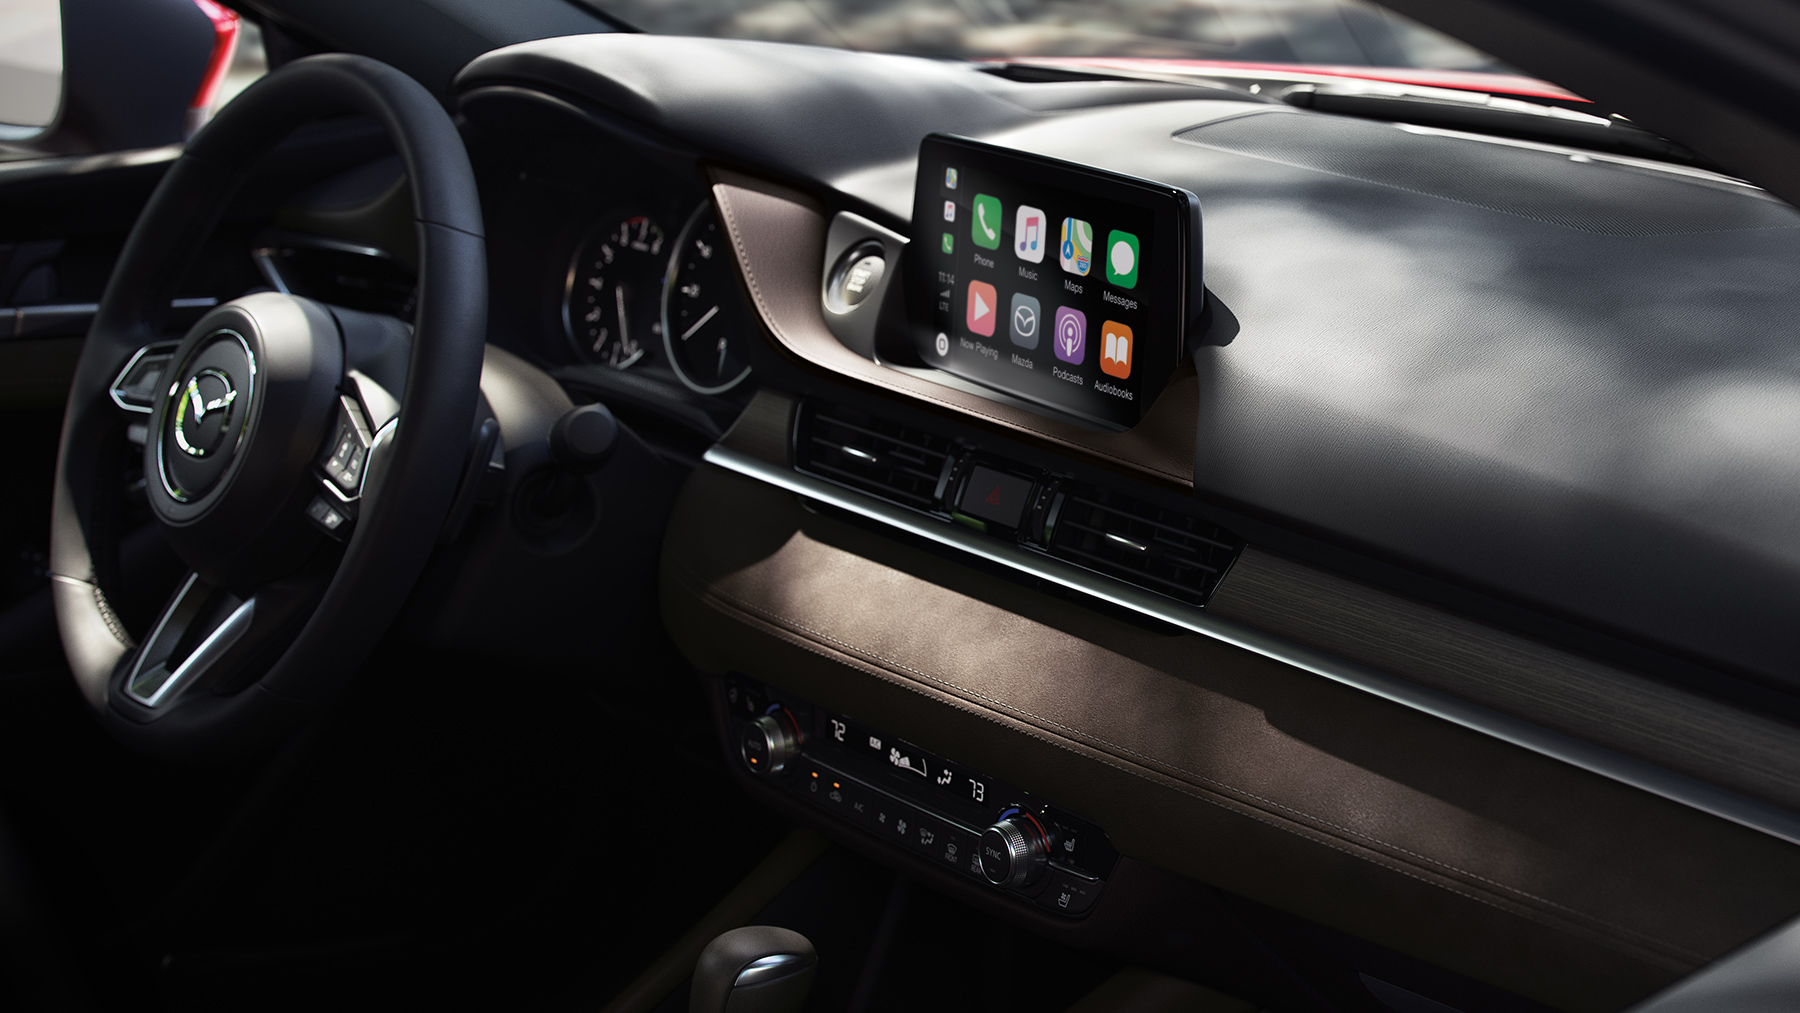 Interior of the 2019 Mazda6